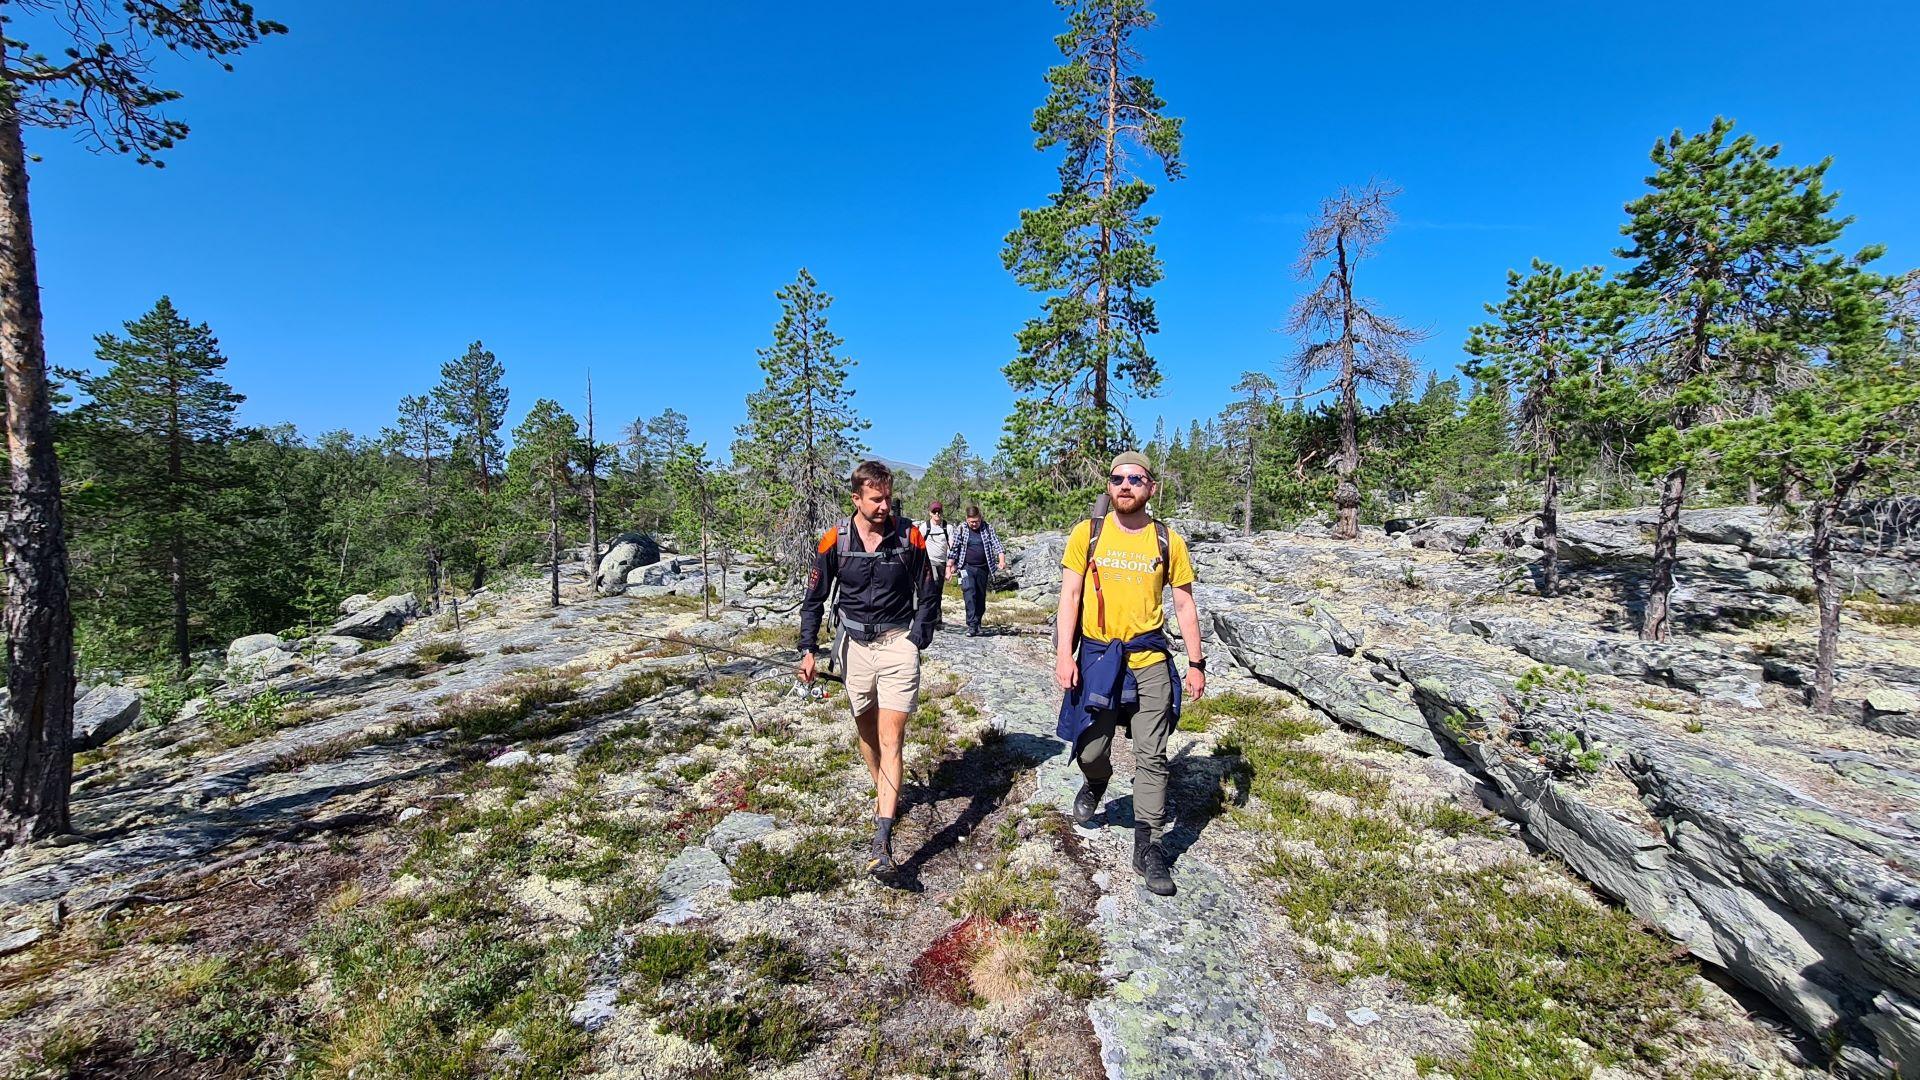 Statsråden og fjelloppsyn Tore Stengrundet. Foto: Sindre Valan